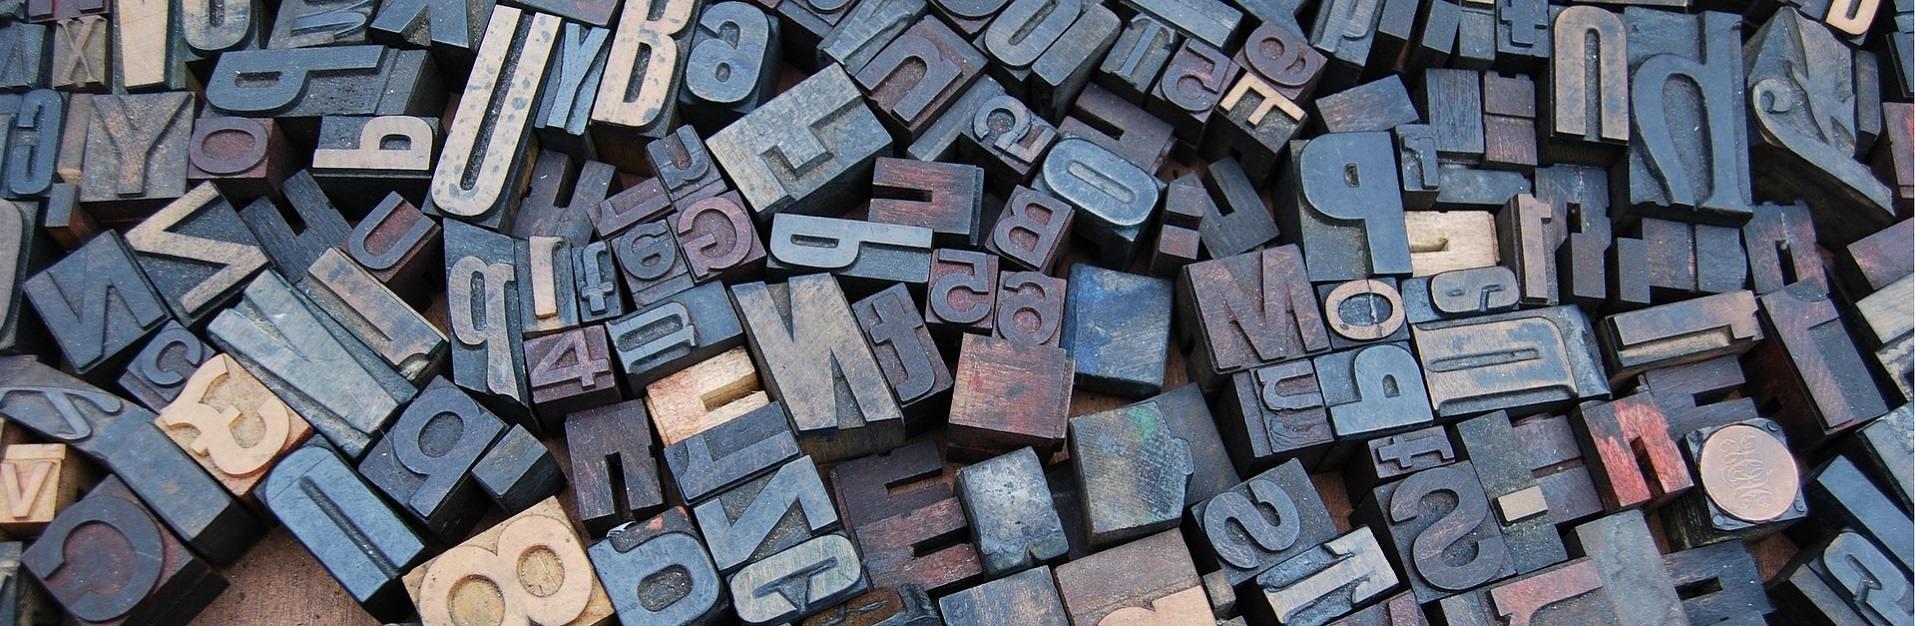 letterbak met losse letters, welk font kiezen voor mijn website